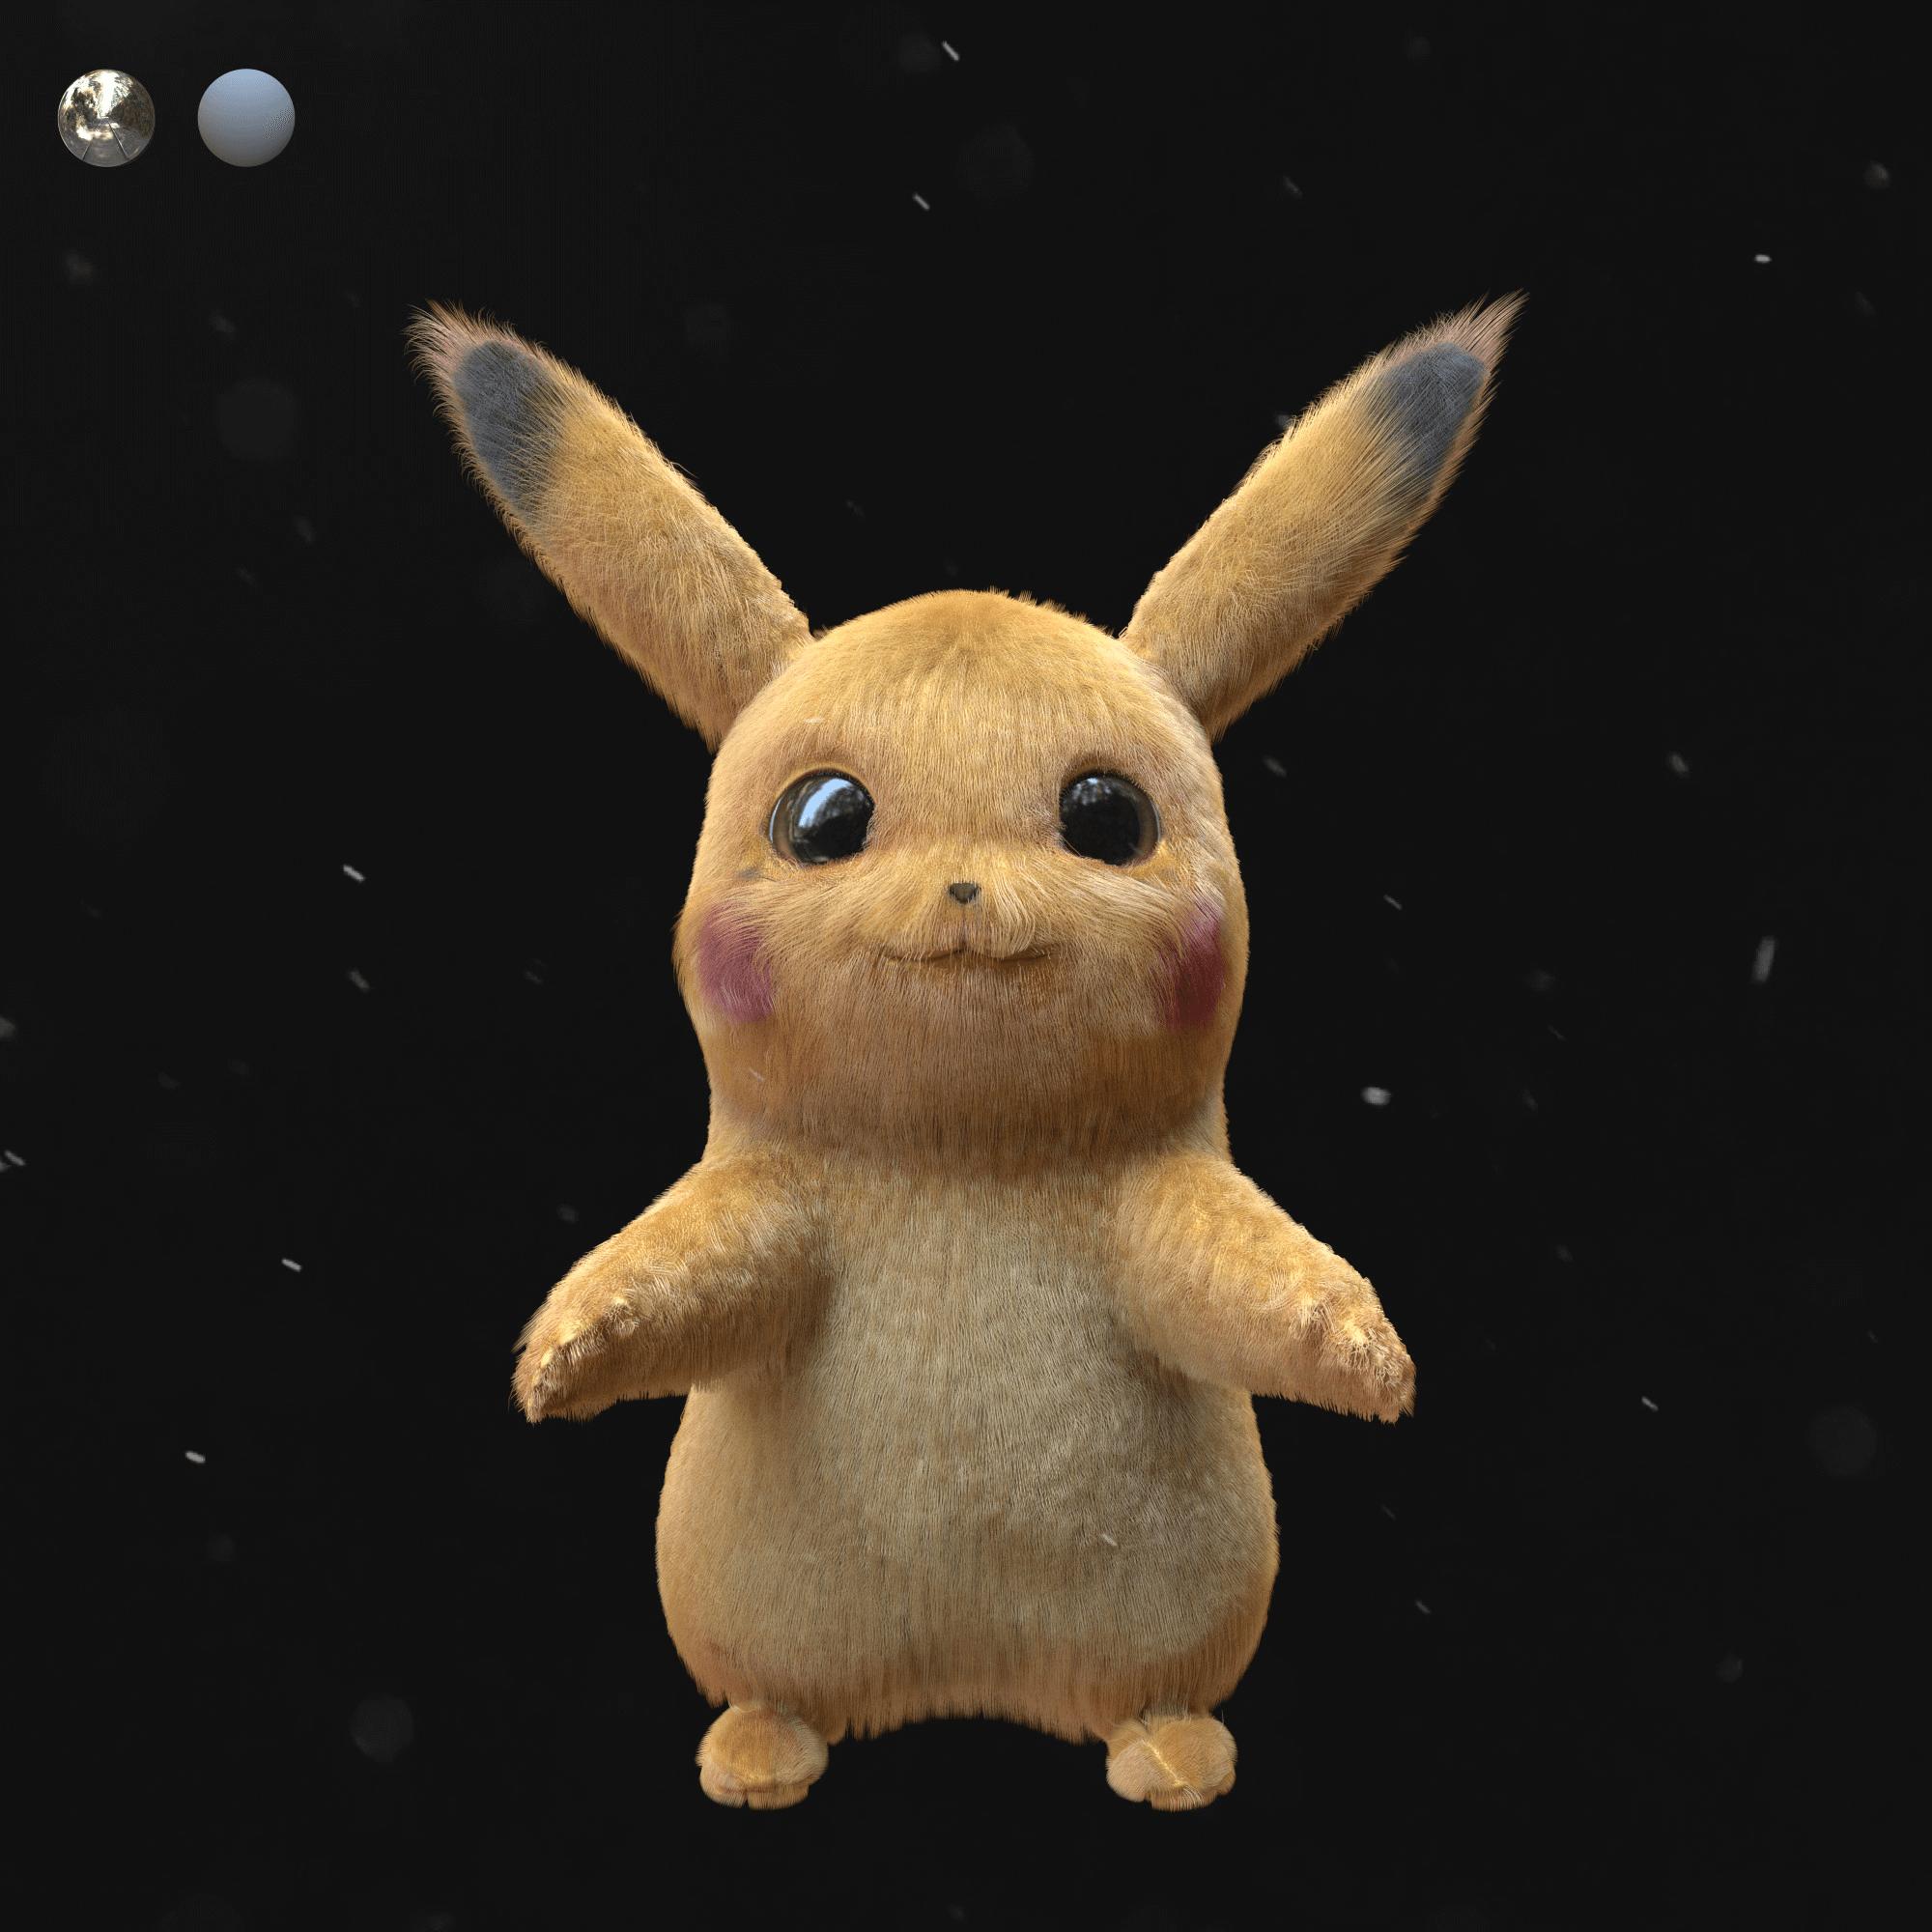 узнаваемый стиль Пикачу из Pokemon